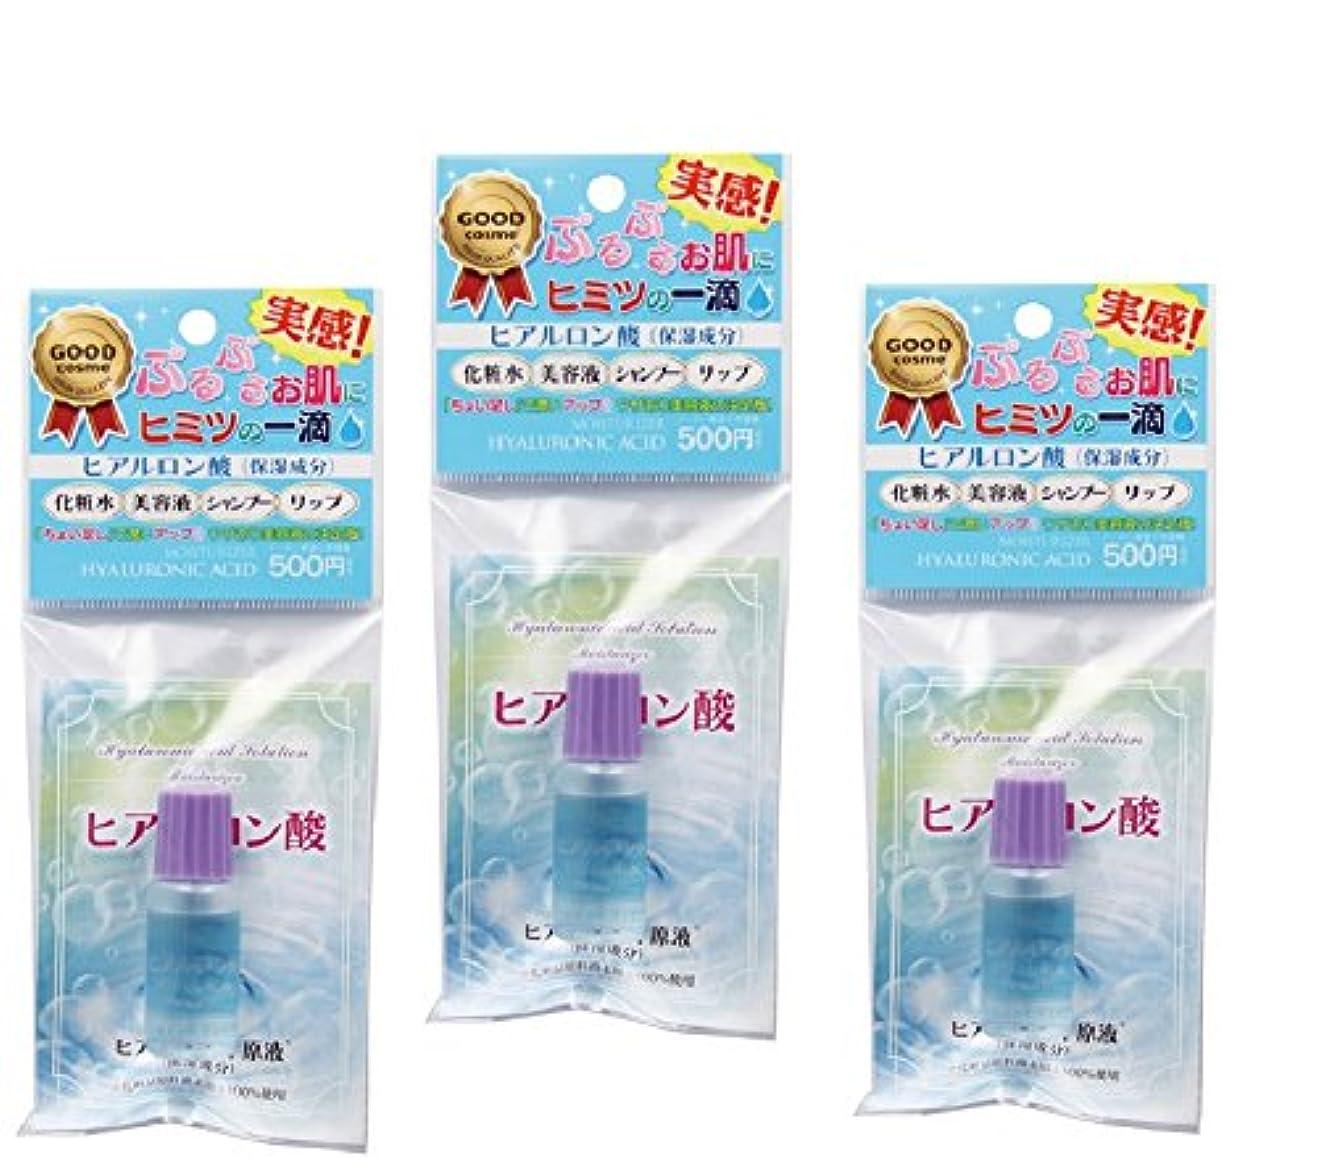 中止します放棄マナーヒアルロン酸水溶液 10ml 3個セット 訳あり パッケージ汚れ